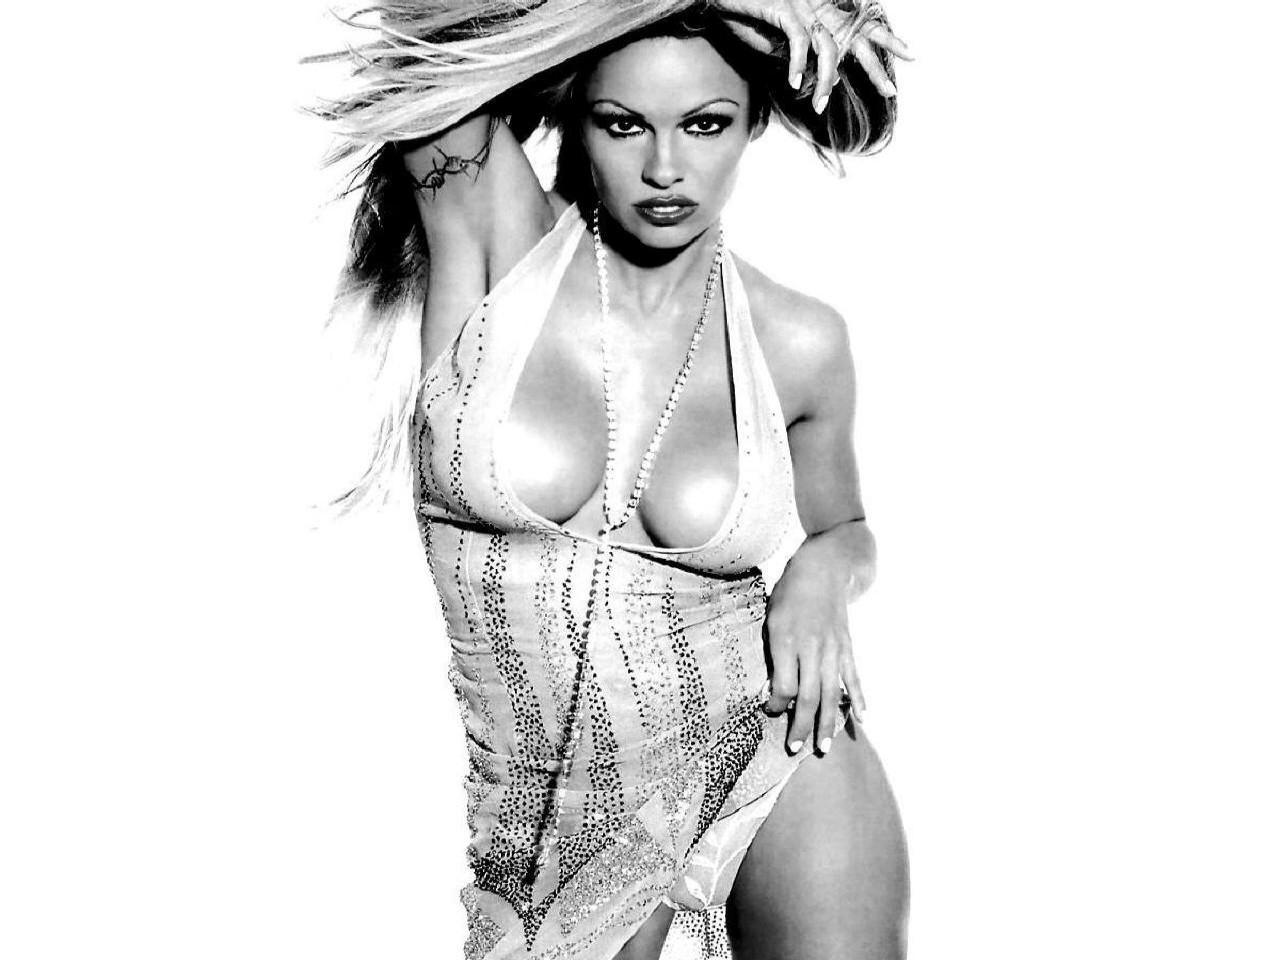 Wallpaper di un'esplosiva Pamela Anderson